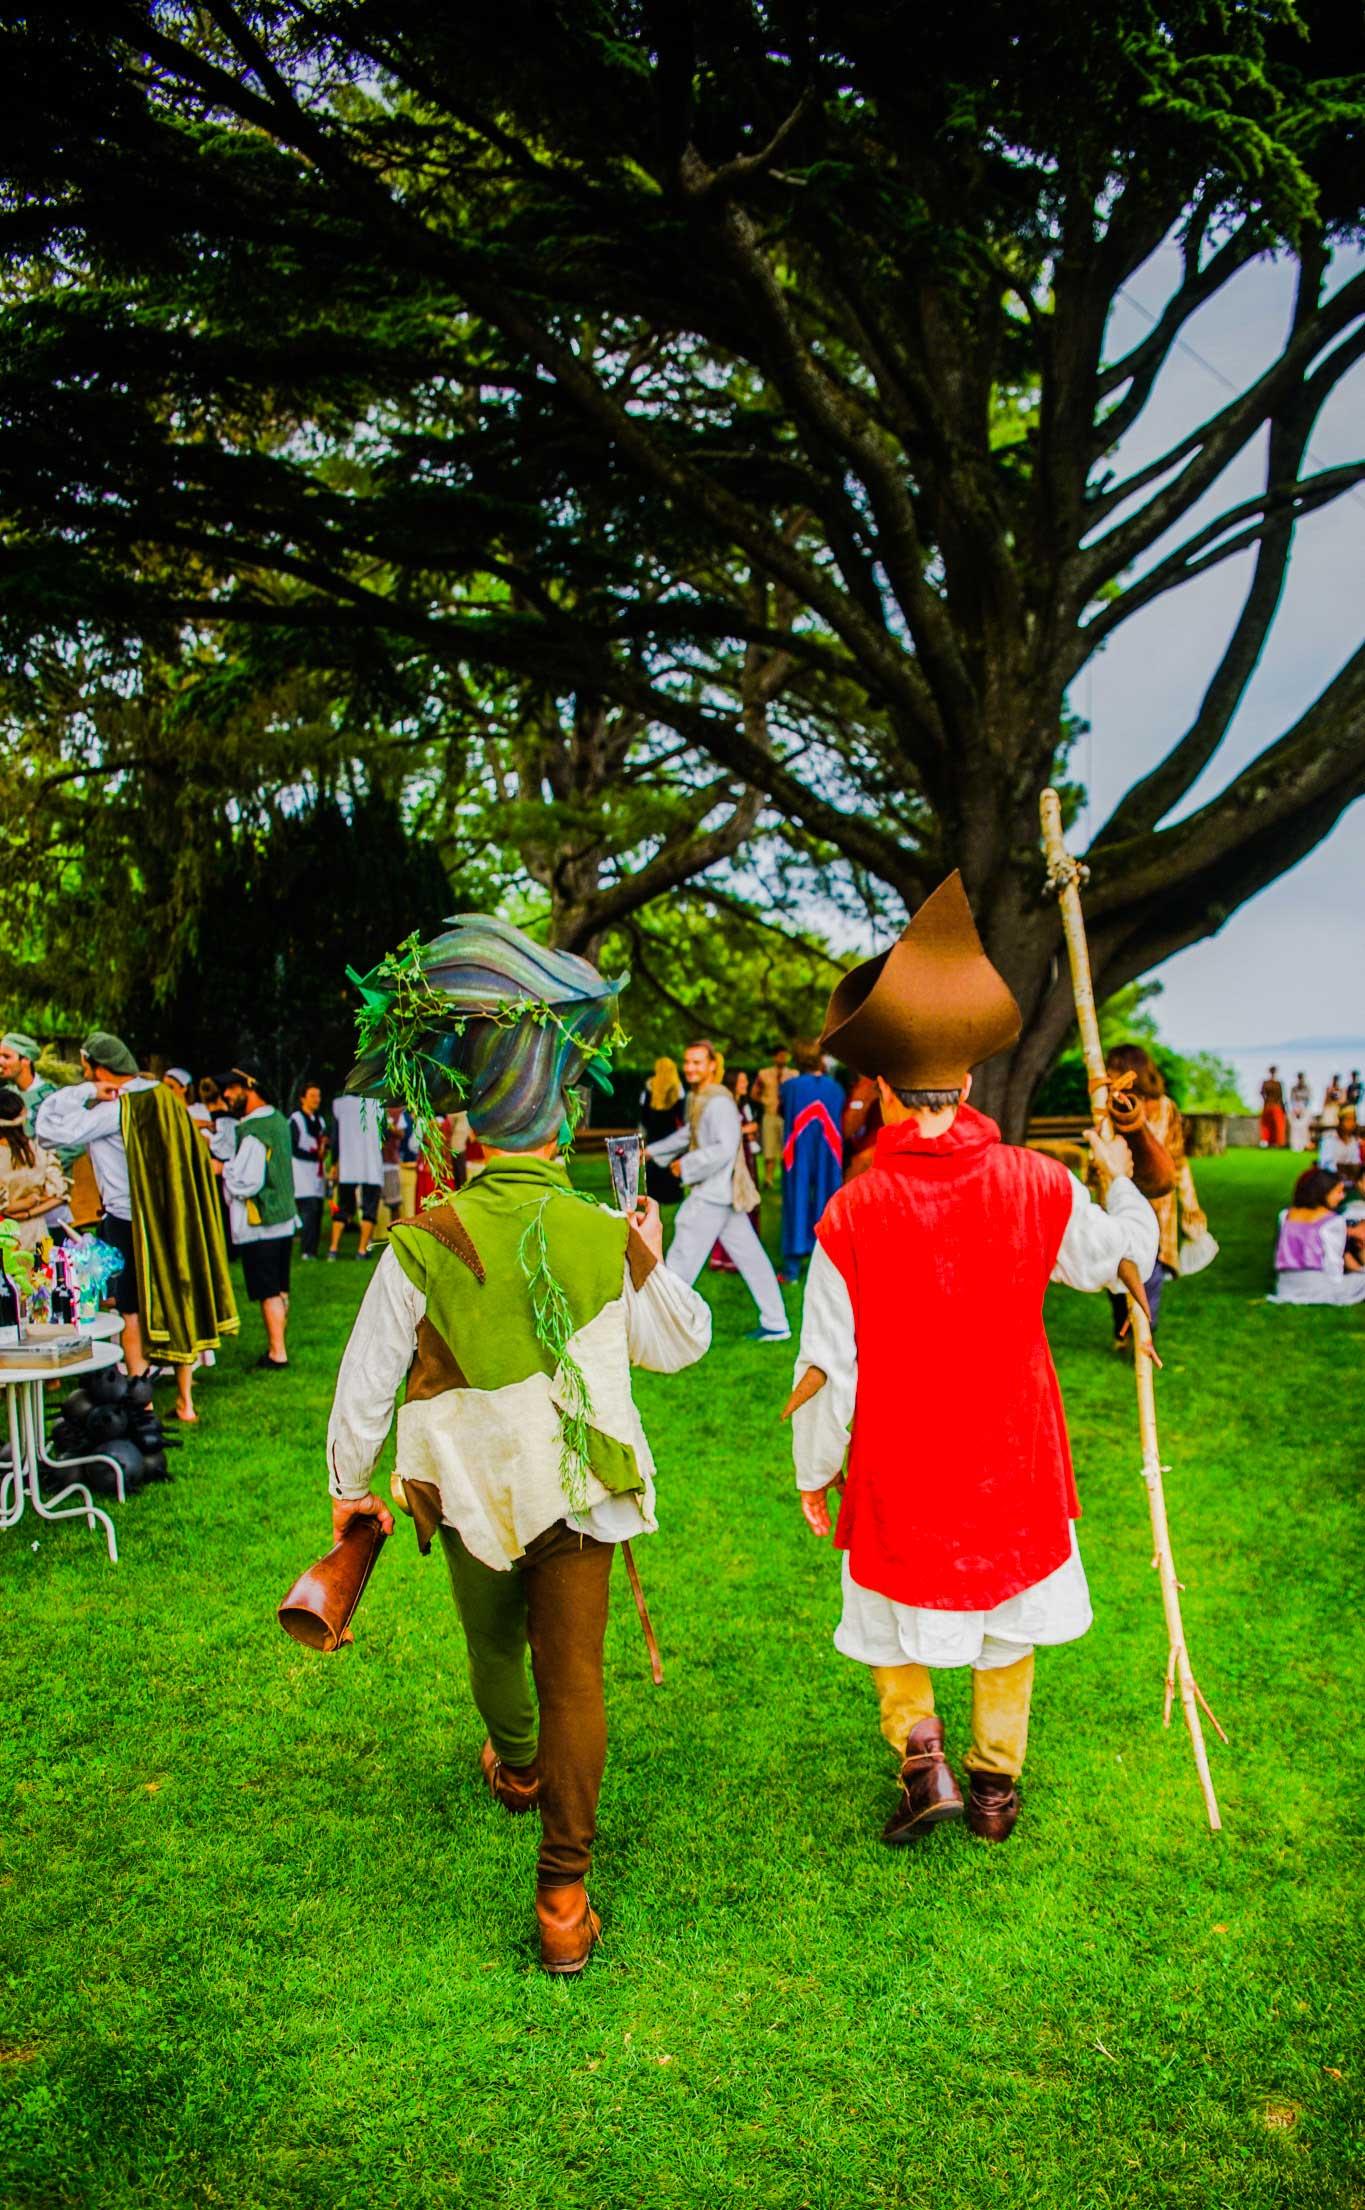 Balade des alchimistes de la Cie du Petit Grimoire, animation d'un apéritif. Un jongleur et un percussionniste se baladent et font des spectacles courts et décalés en différents endroits d'une fête médiévale ou d'un événement. Leurs déambulations amènent de la vie à la fête, une ambiance médiévale tantôt poétique, tantôt énergique, tantôt absurde. Procédez à un rapide voyage temporel vers www.ciedupetitgrimoire.ch.